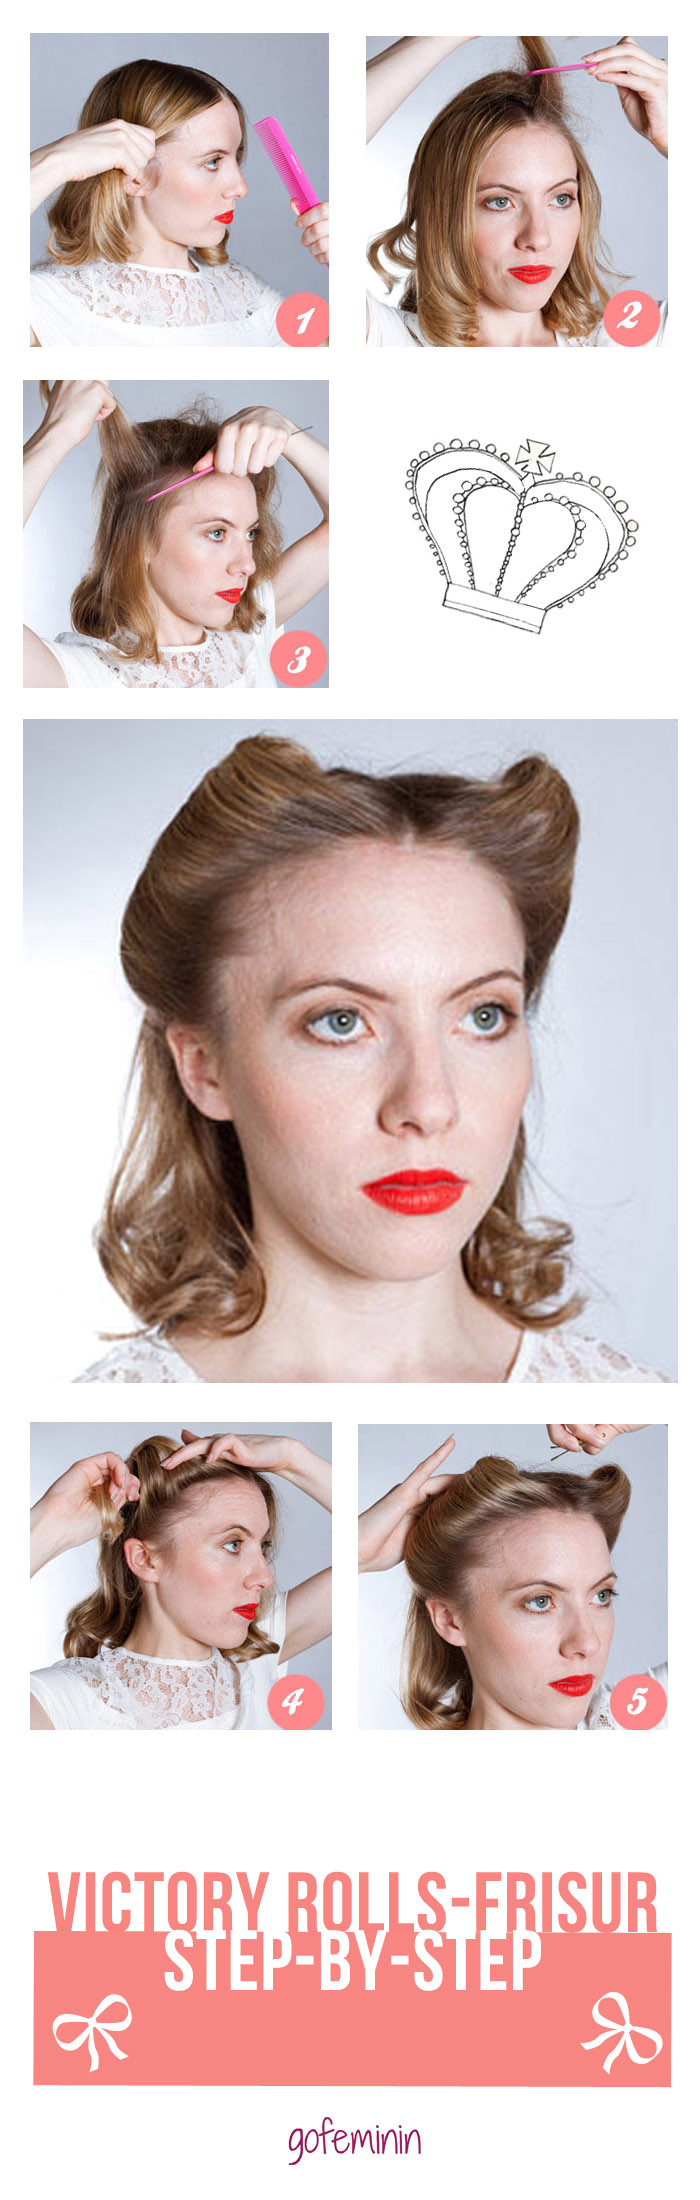 Vintage Frisuren zum selbermachen Mehr auf gofeminin